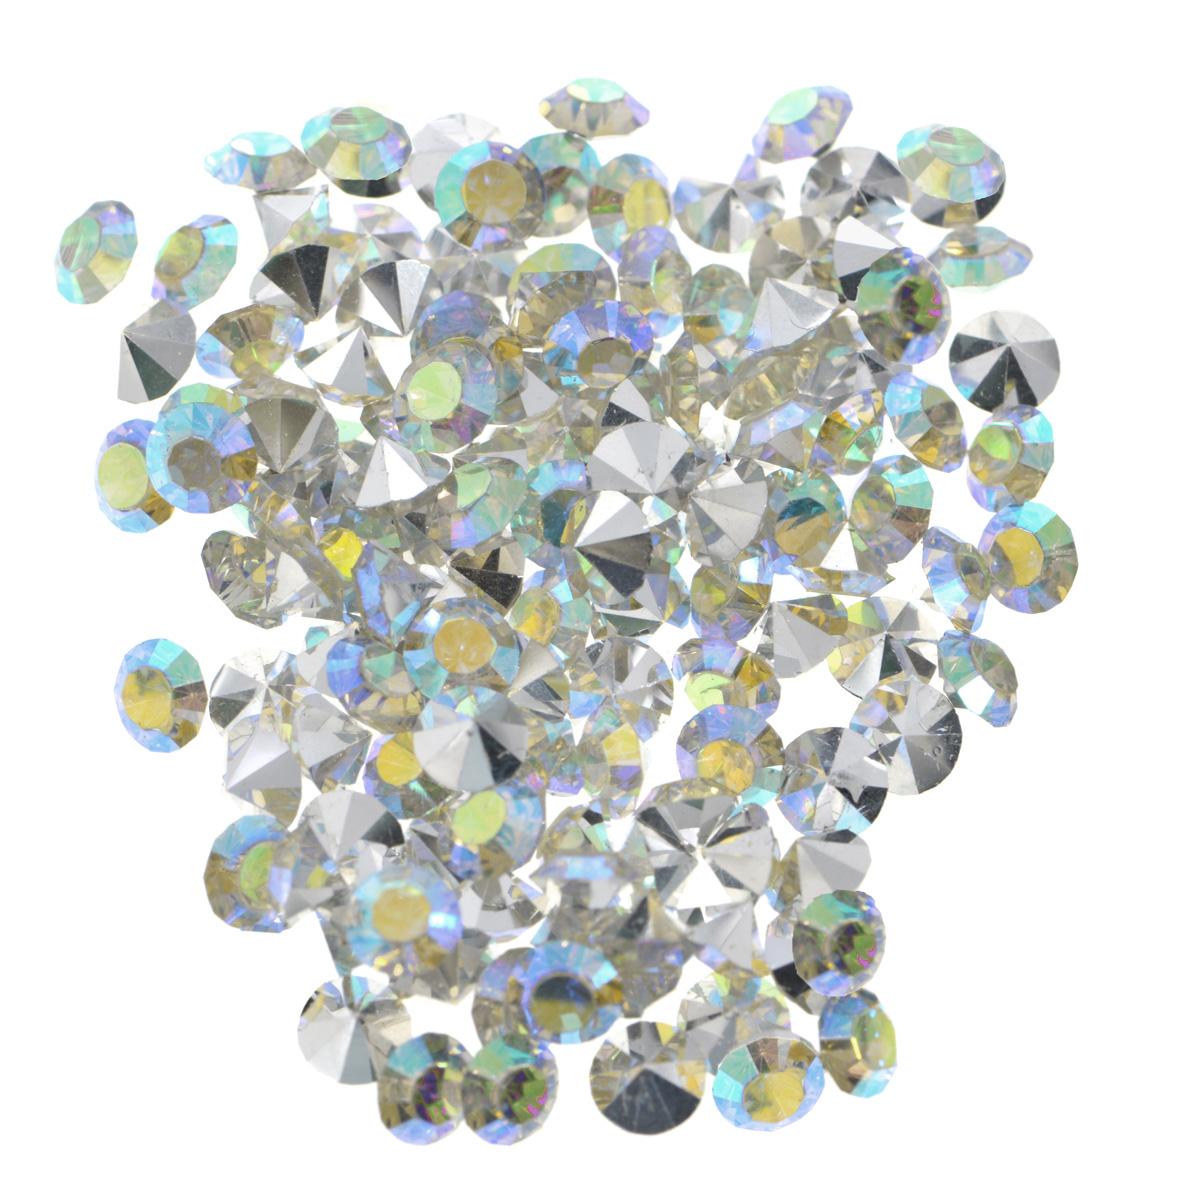 Стразы Cristal, цвет: белый (АВ), диаметр 5 мм, 144 шт7711015_АВ белыйНабор страз Cristal, изготовленный из акрила, позволит вам украсить одежду, аксессуары или бижутерию. Яркие стразы имеют конусовидную форму и круглую поверхность с гранями. Украшение стразами поможет сделать любую вещь оригинальной и неповторимой. Изготовление украшений - занимательное хобби и реализация творческих способностей рукодельницы, это возможность создания неповторимого индивидуального подарка. Размер страз: SS20.